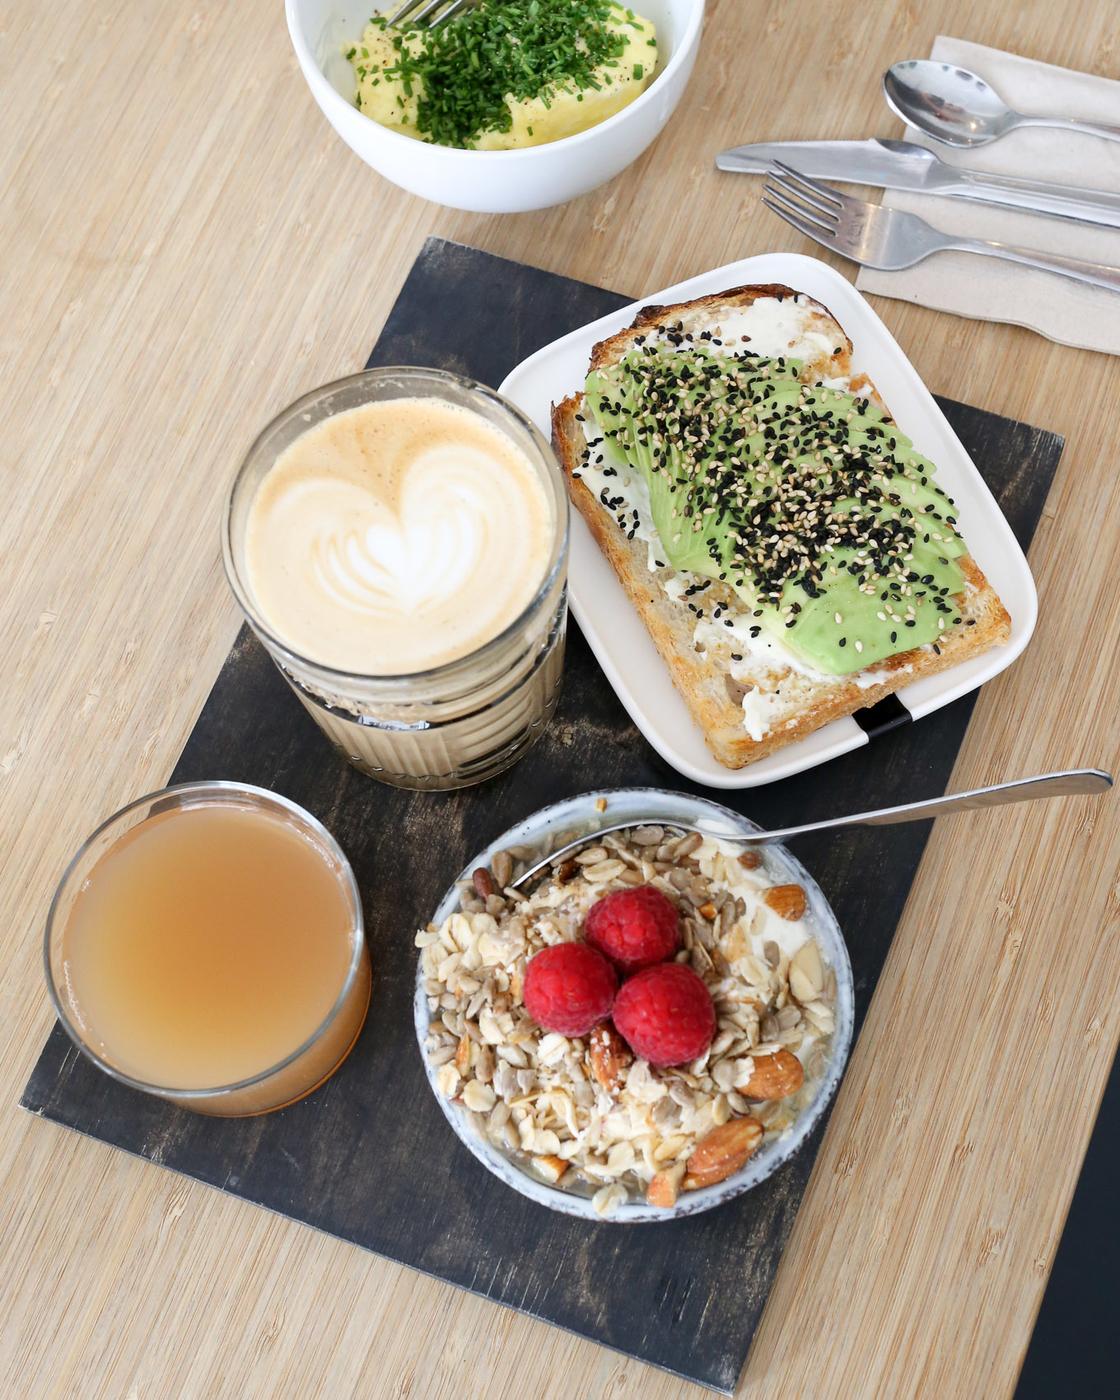 Kuuman aamiainen oli loistava alku loistavalle päivälle